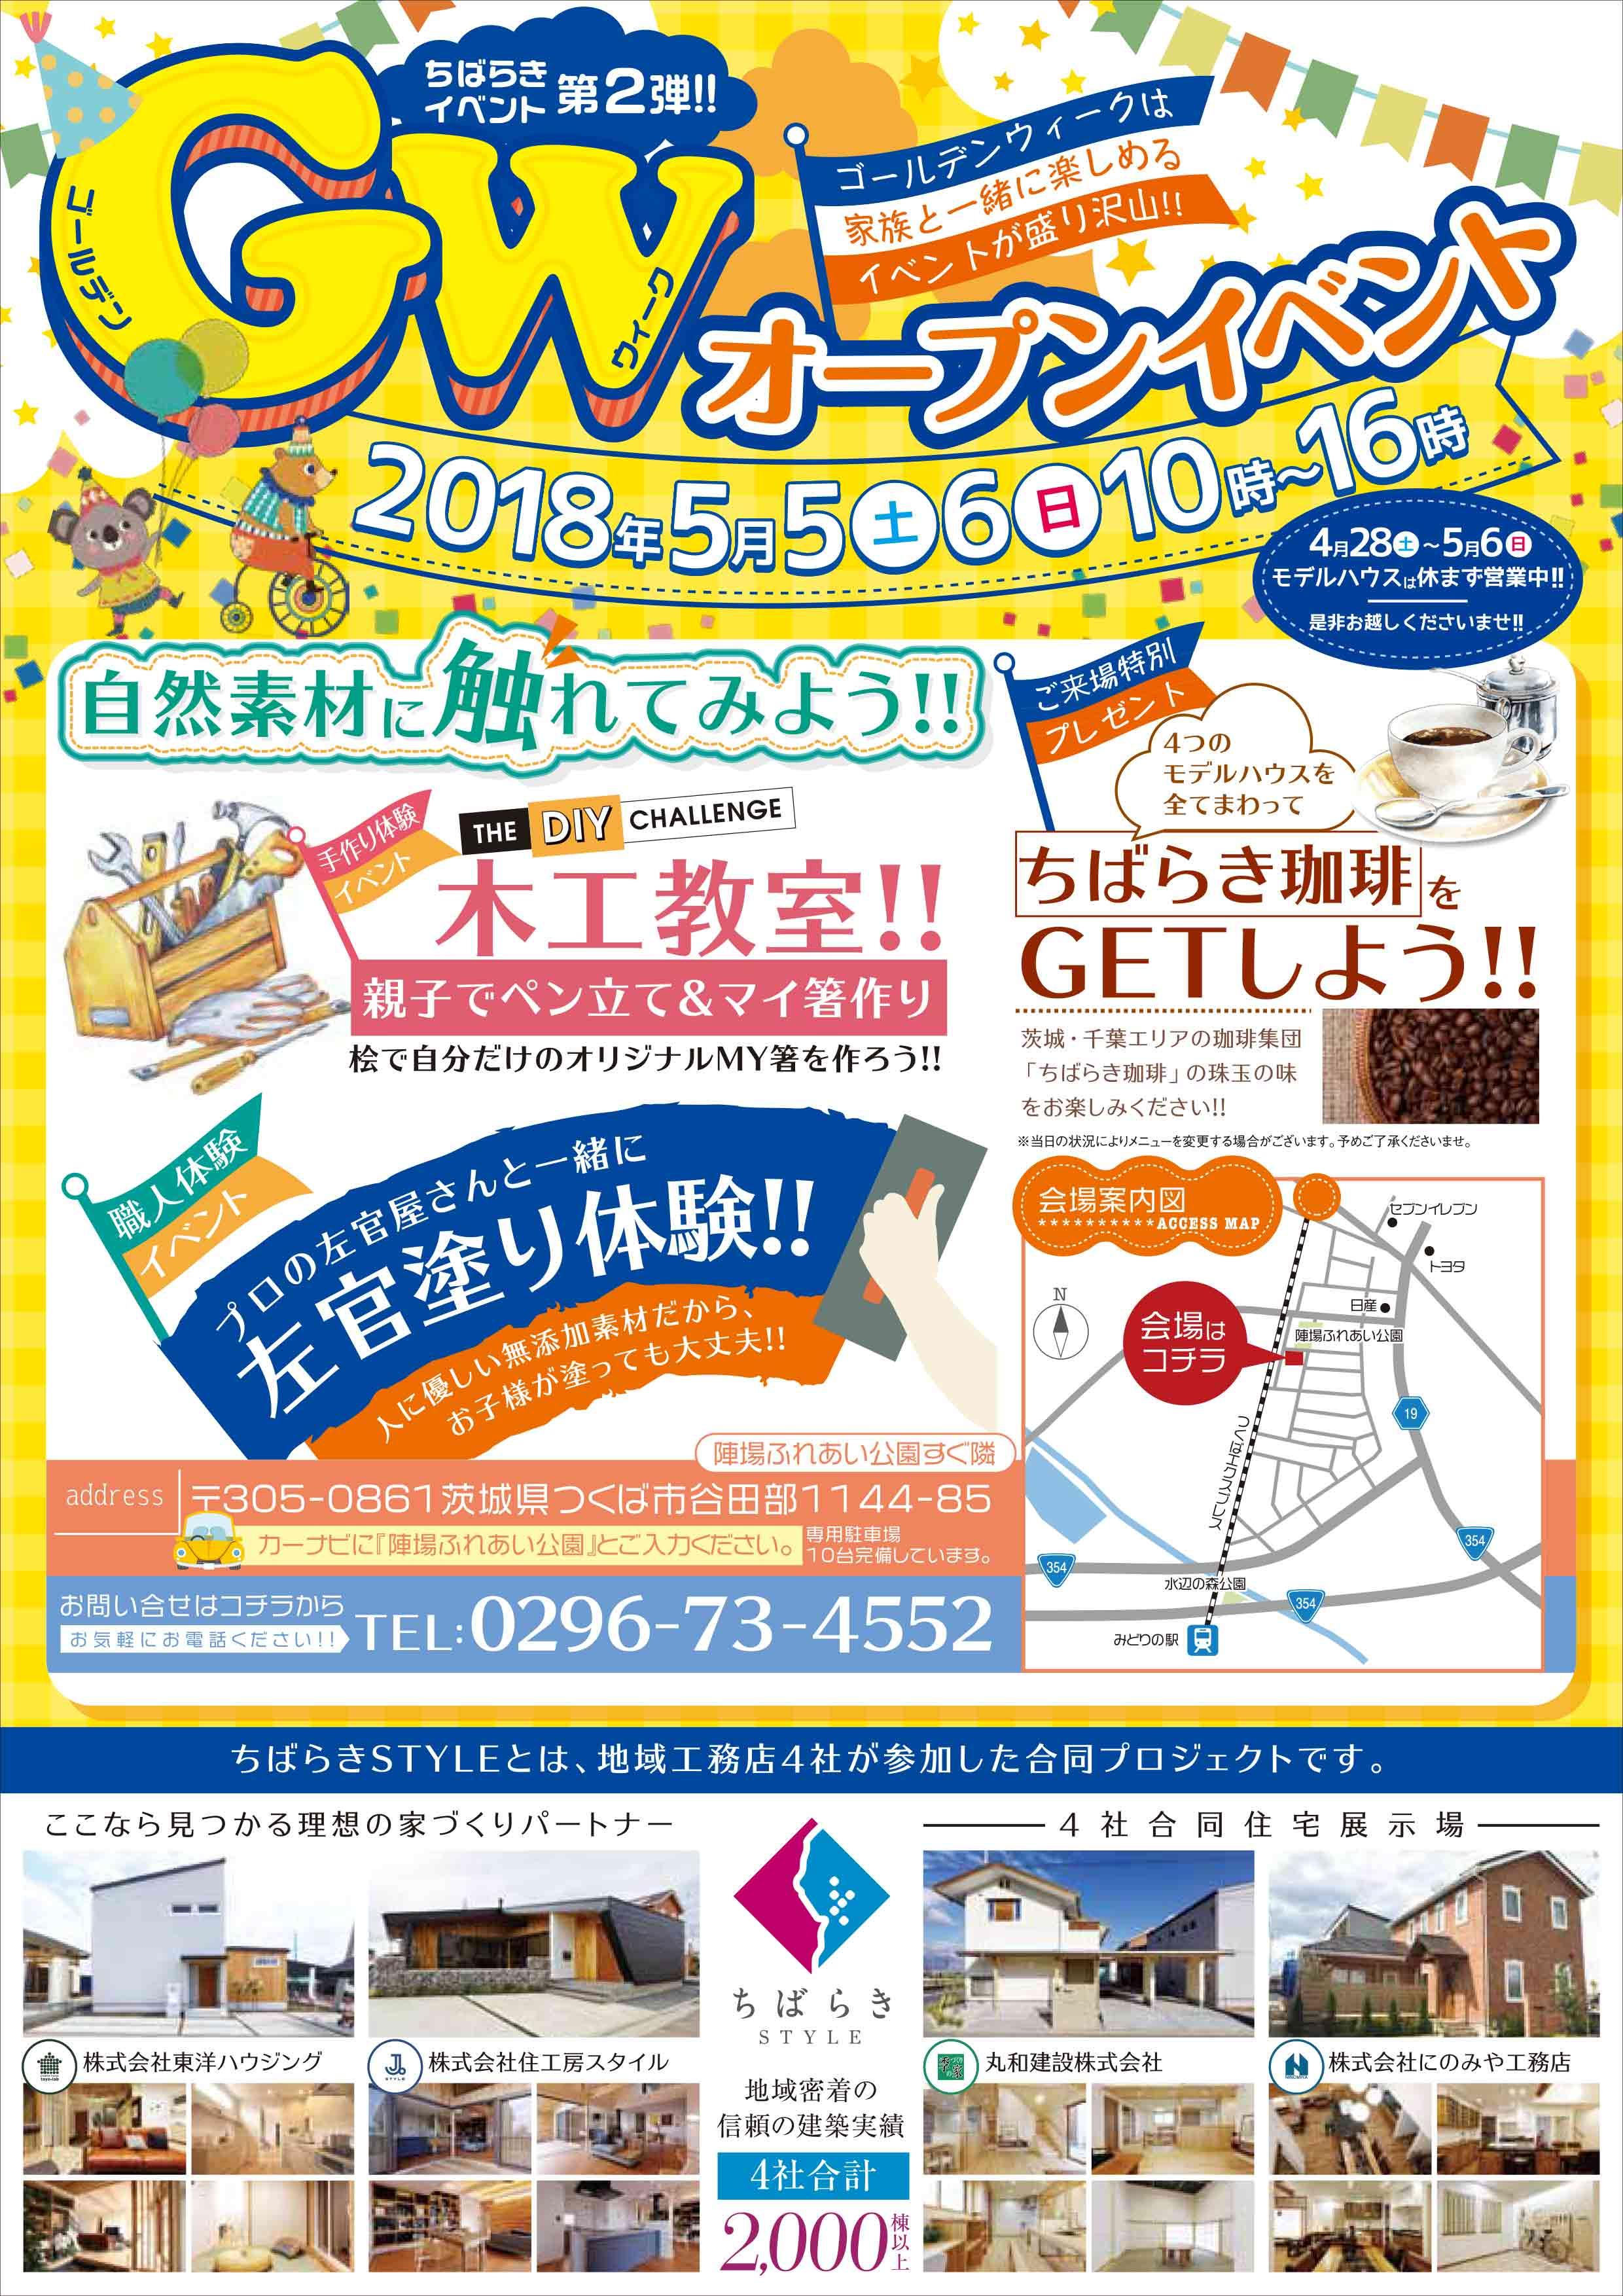 【ちばらきSTYLE】GWオープンイベント開催!5月5日(土)・6日(日)